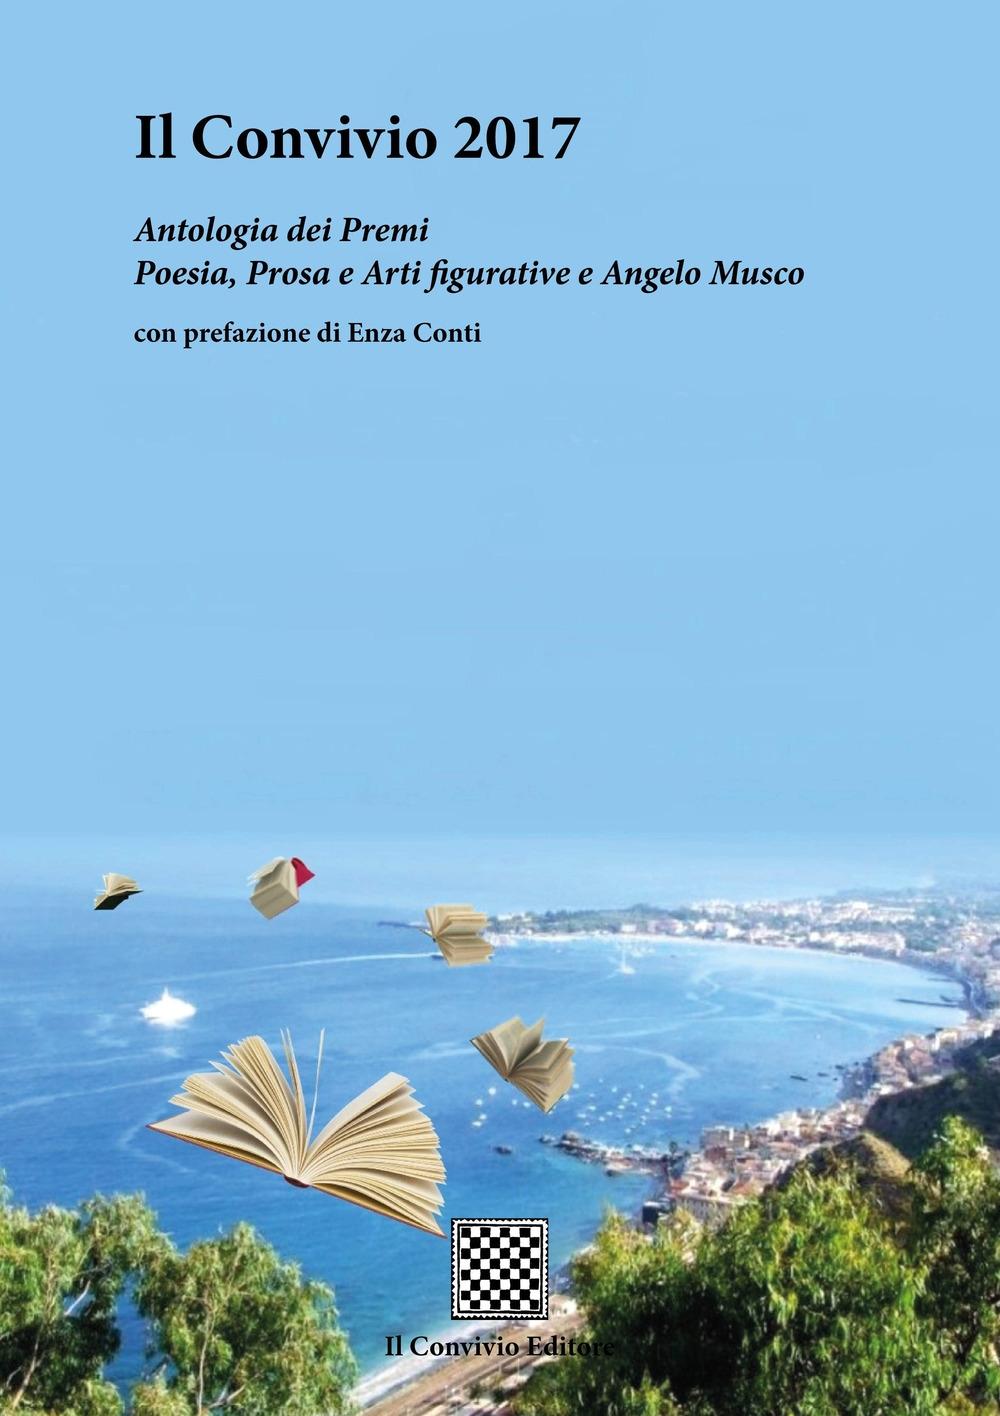 Il Convivio 2017. Antologia dei premi Poesia, Prosa e Arti figurative e Angelo Musco